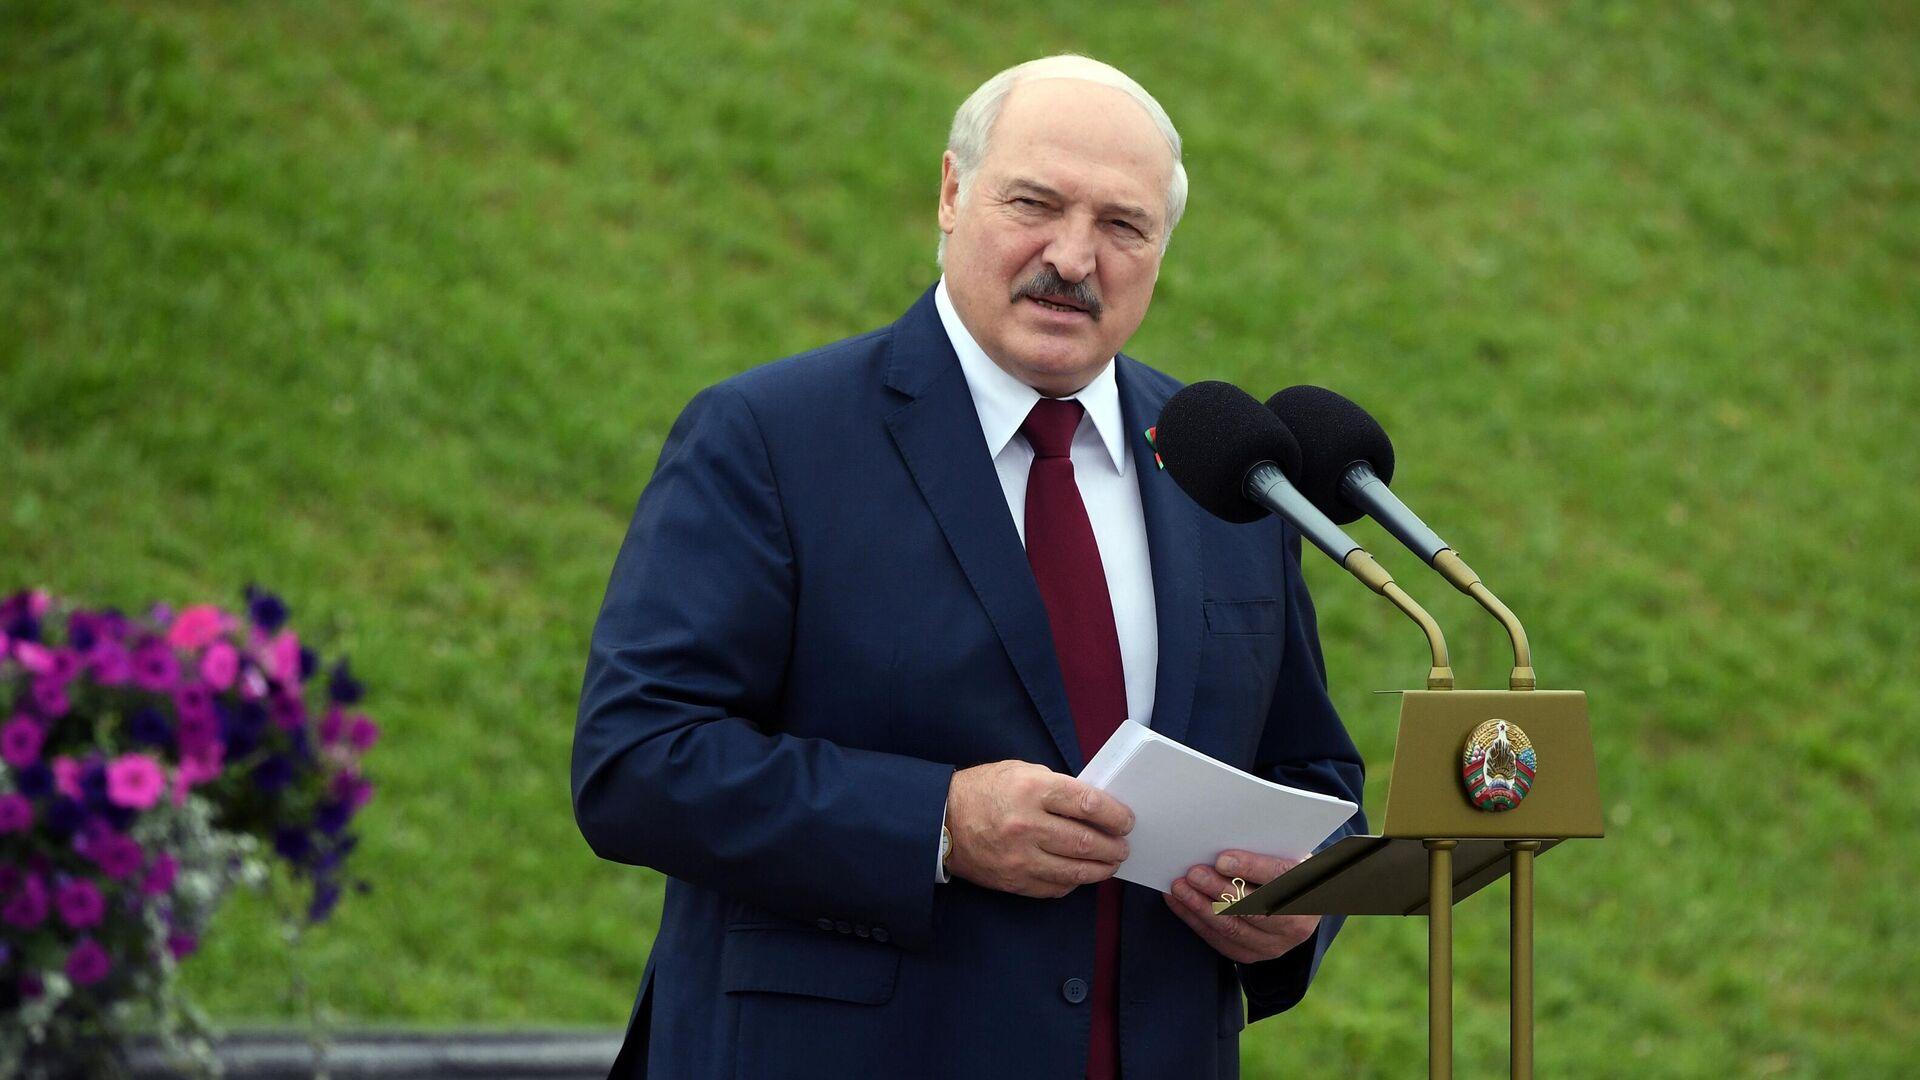 Президент Белоруссии Александр Лукашенко выступает на торжественном митинге, посвященном Дню независимости Белоруссии - РИА Новости, 1920, 22.07.2021